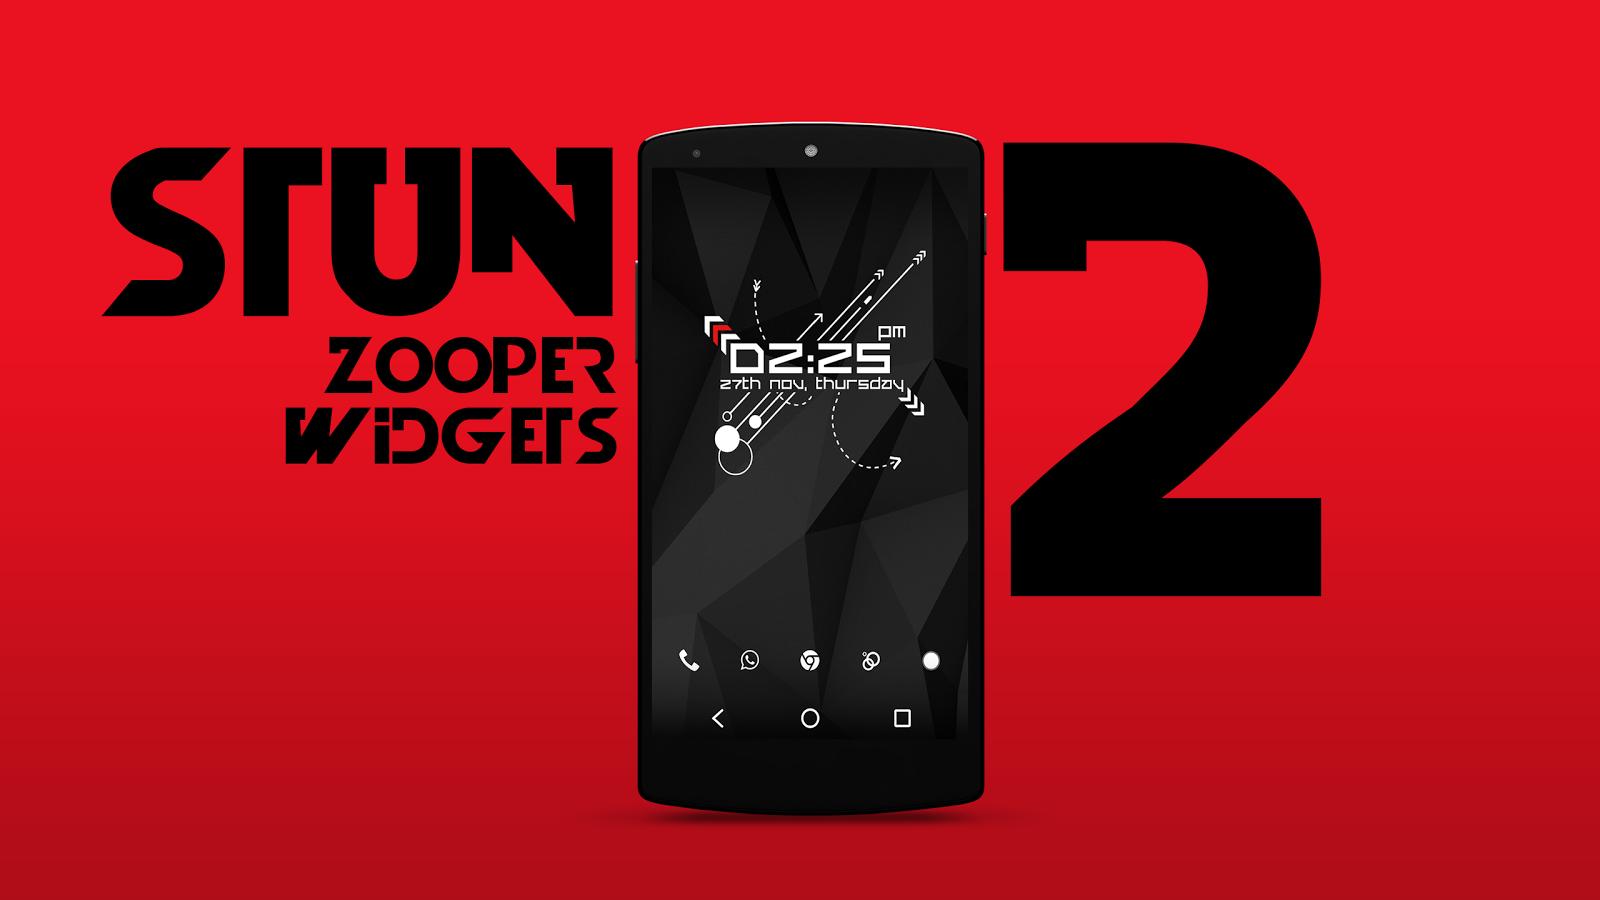 Stun Zooper Widgets 2 v1.4